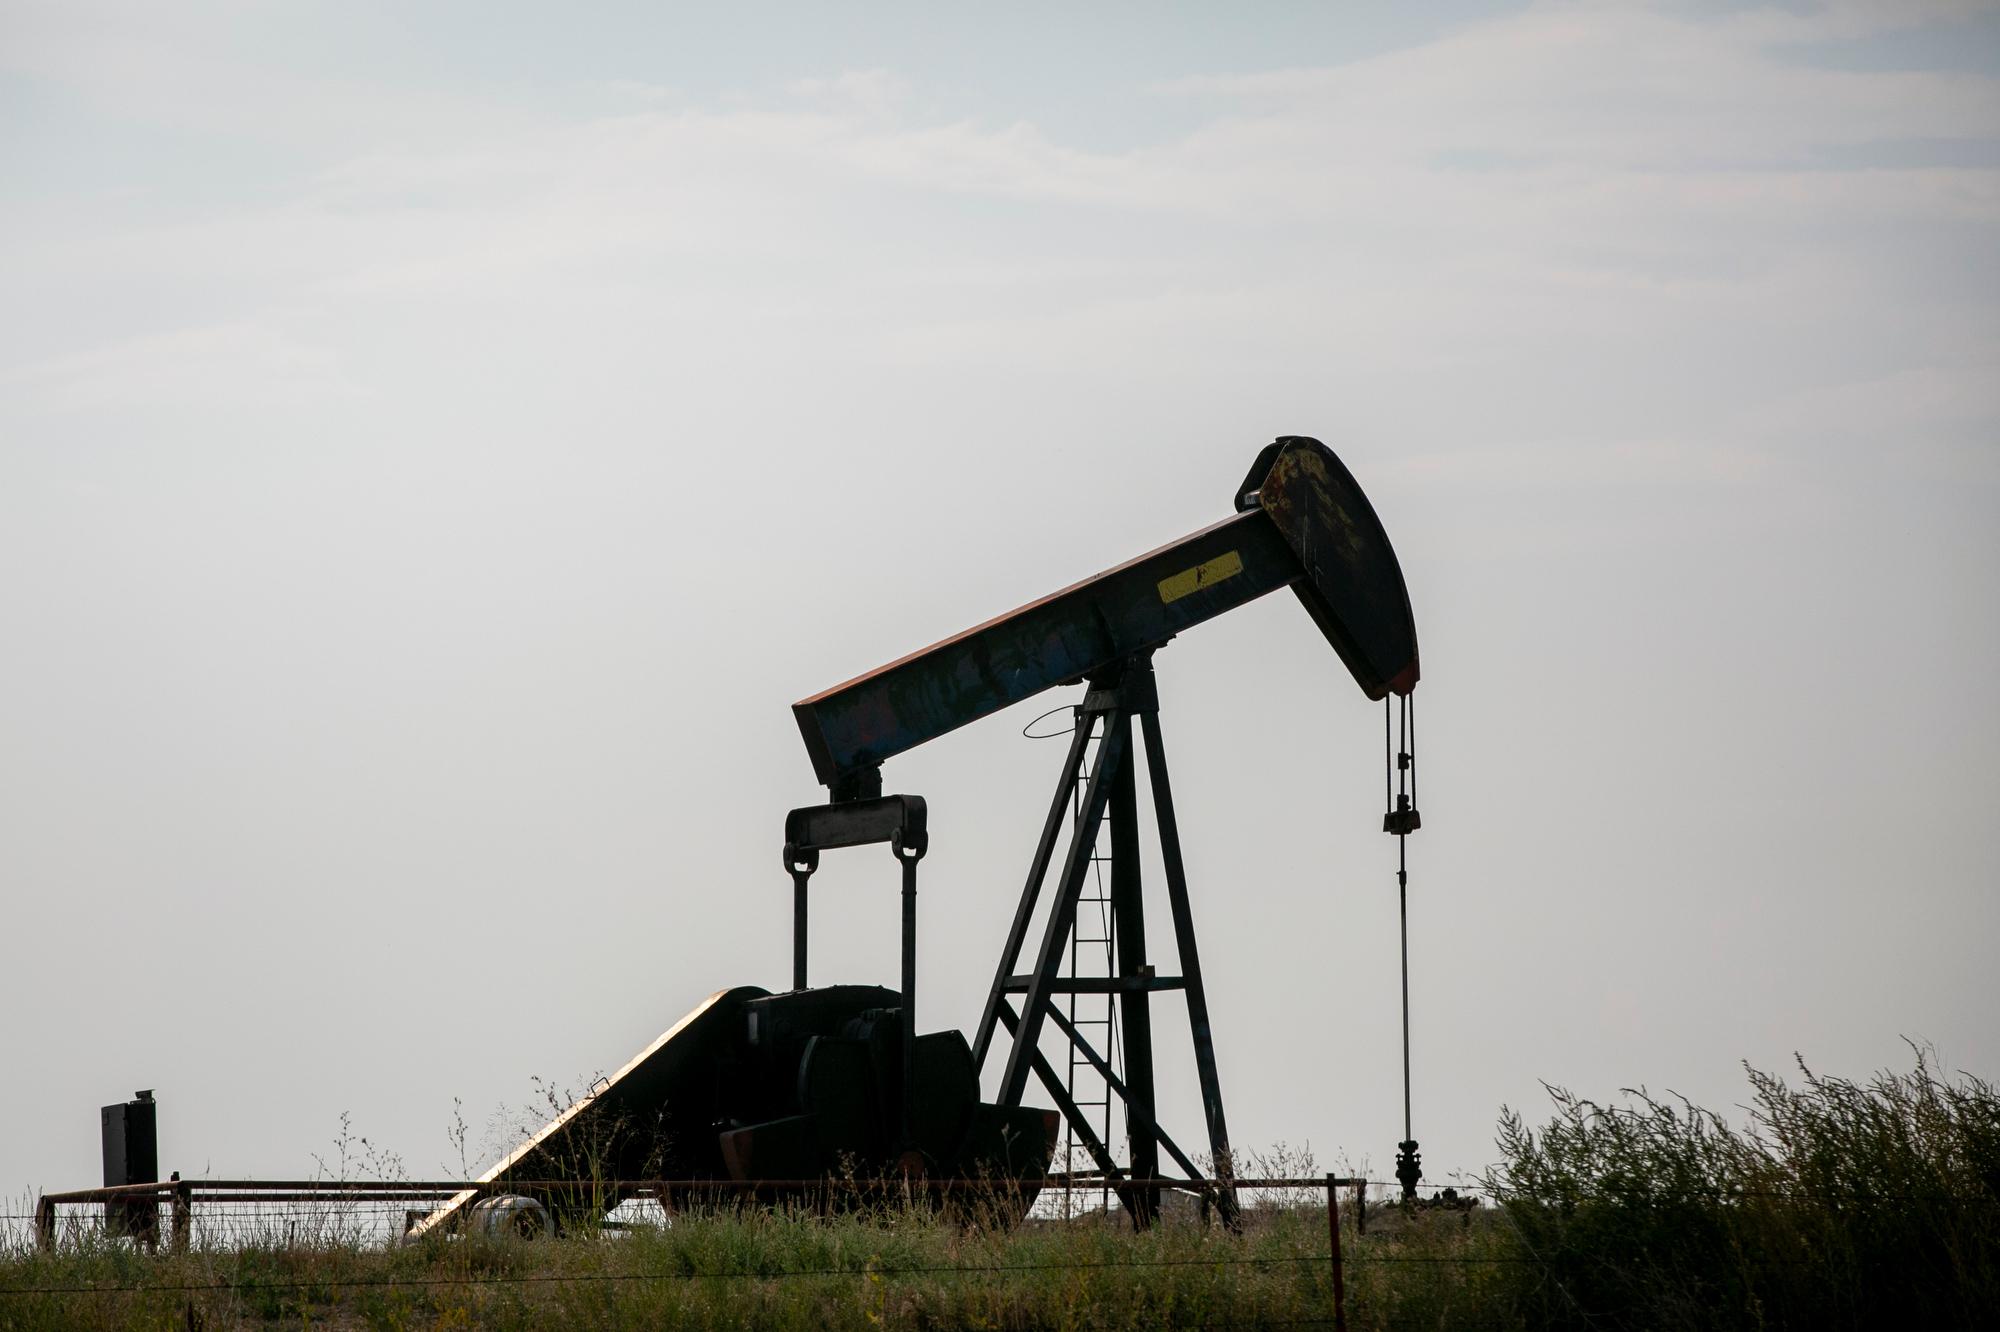 201002 BERTHOUD OIL PUMP JACK